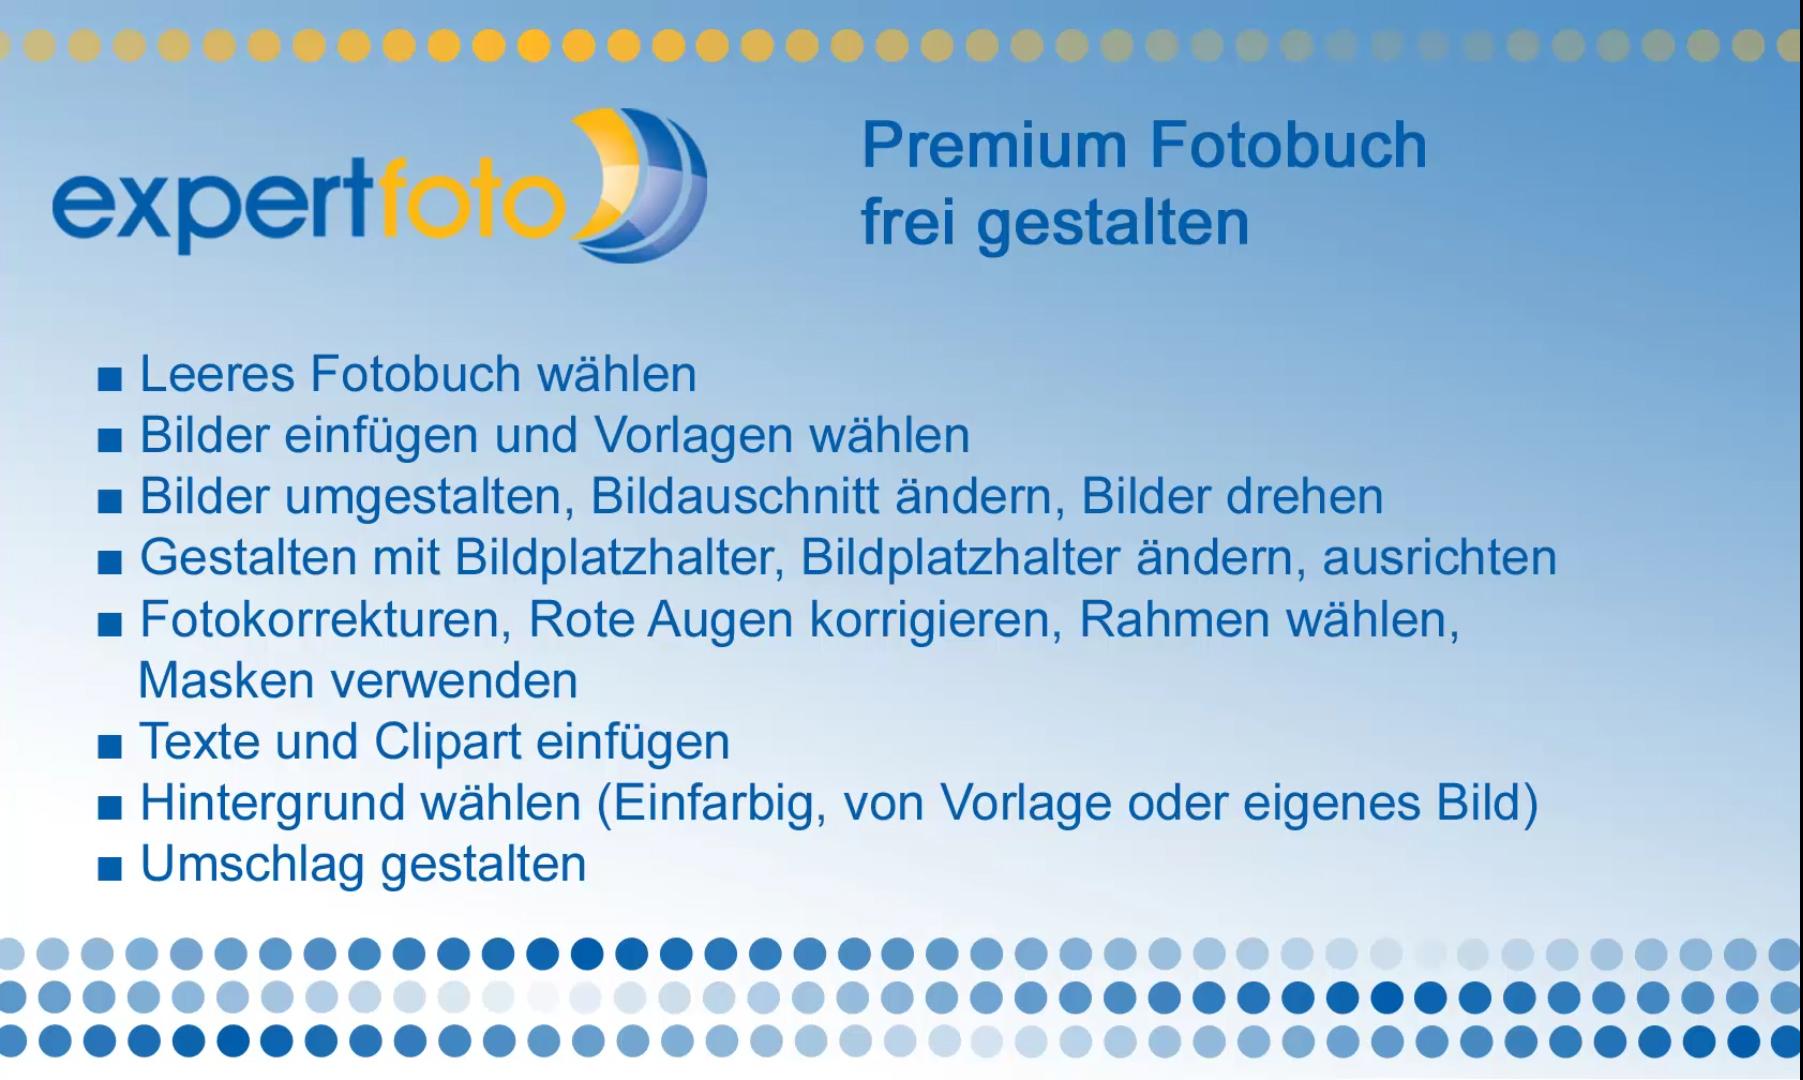 Fotobuch frei gestalten - expertfoto.ch